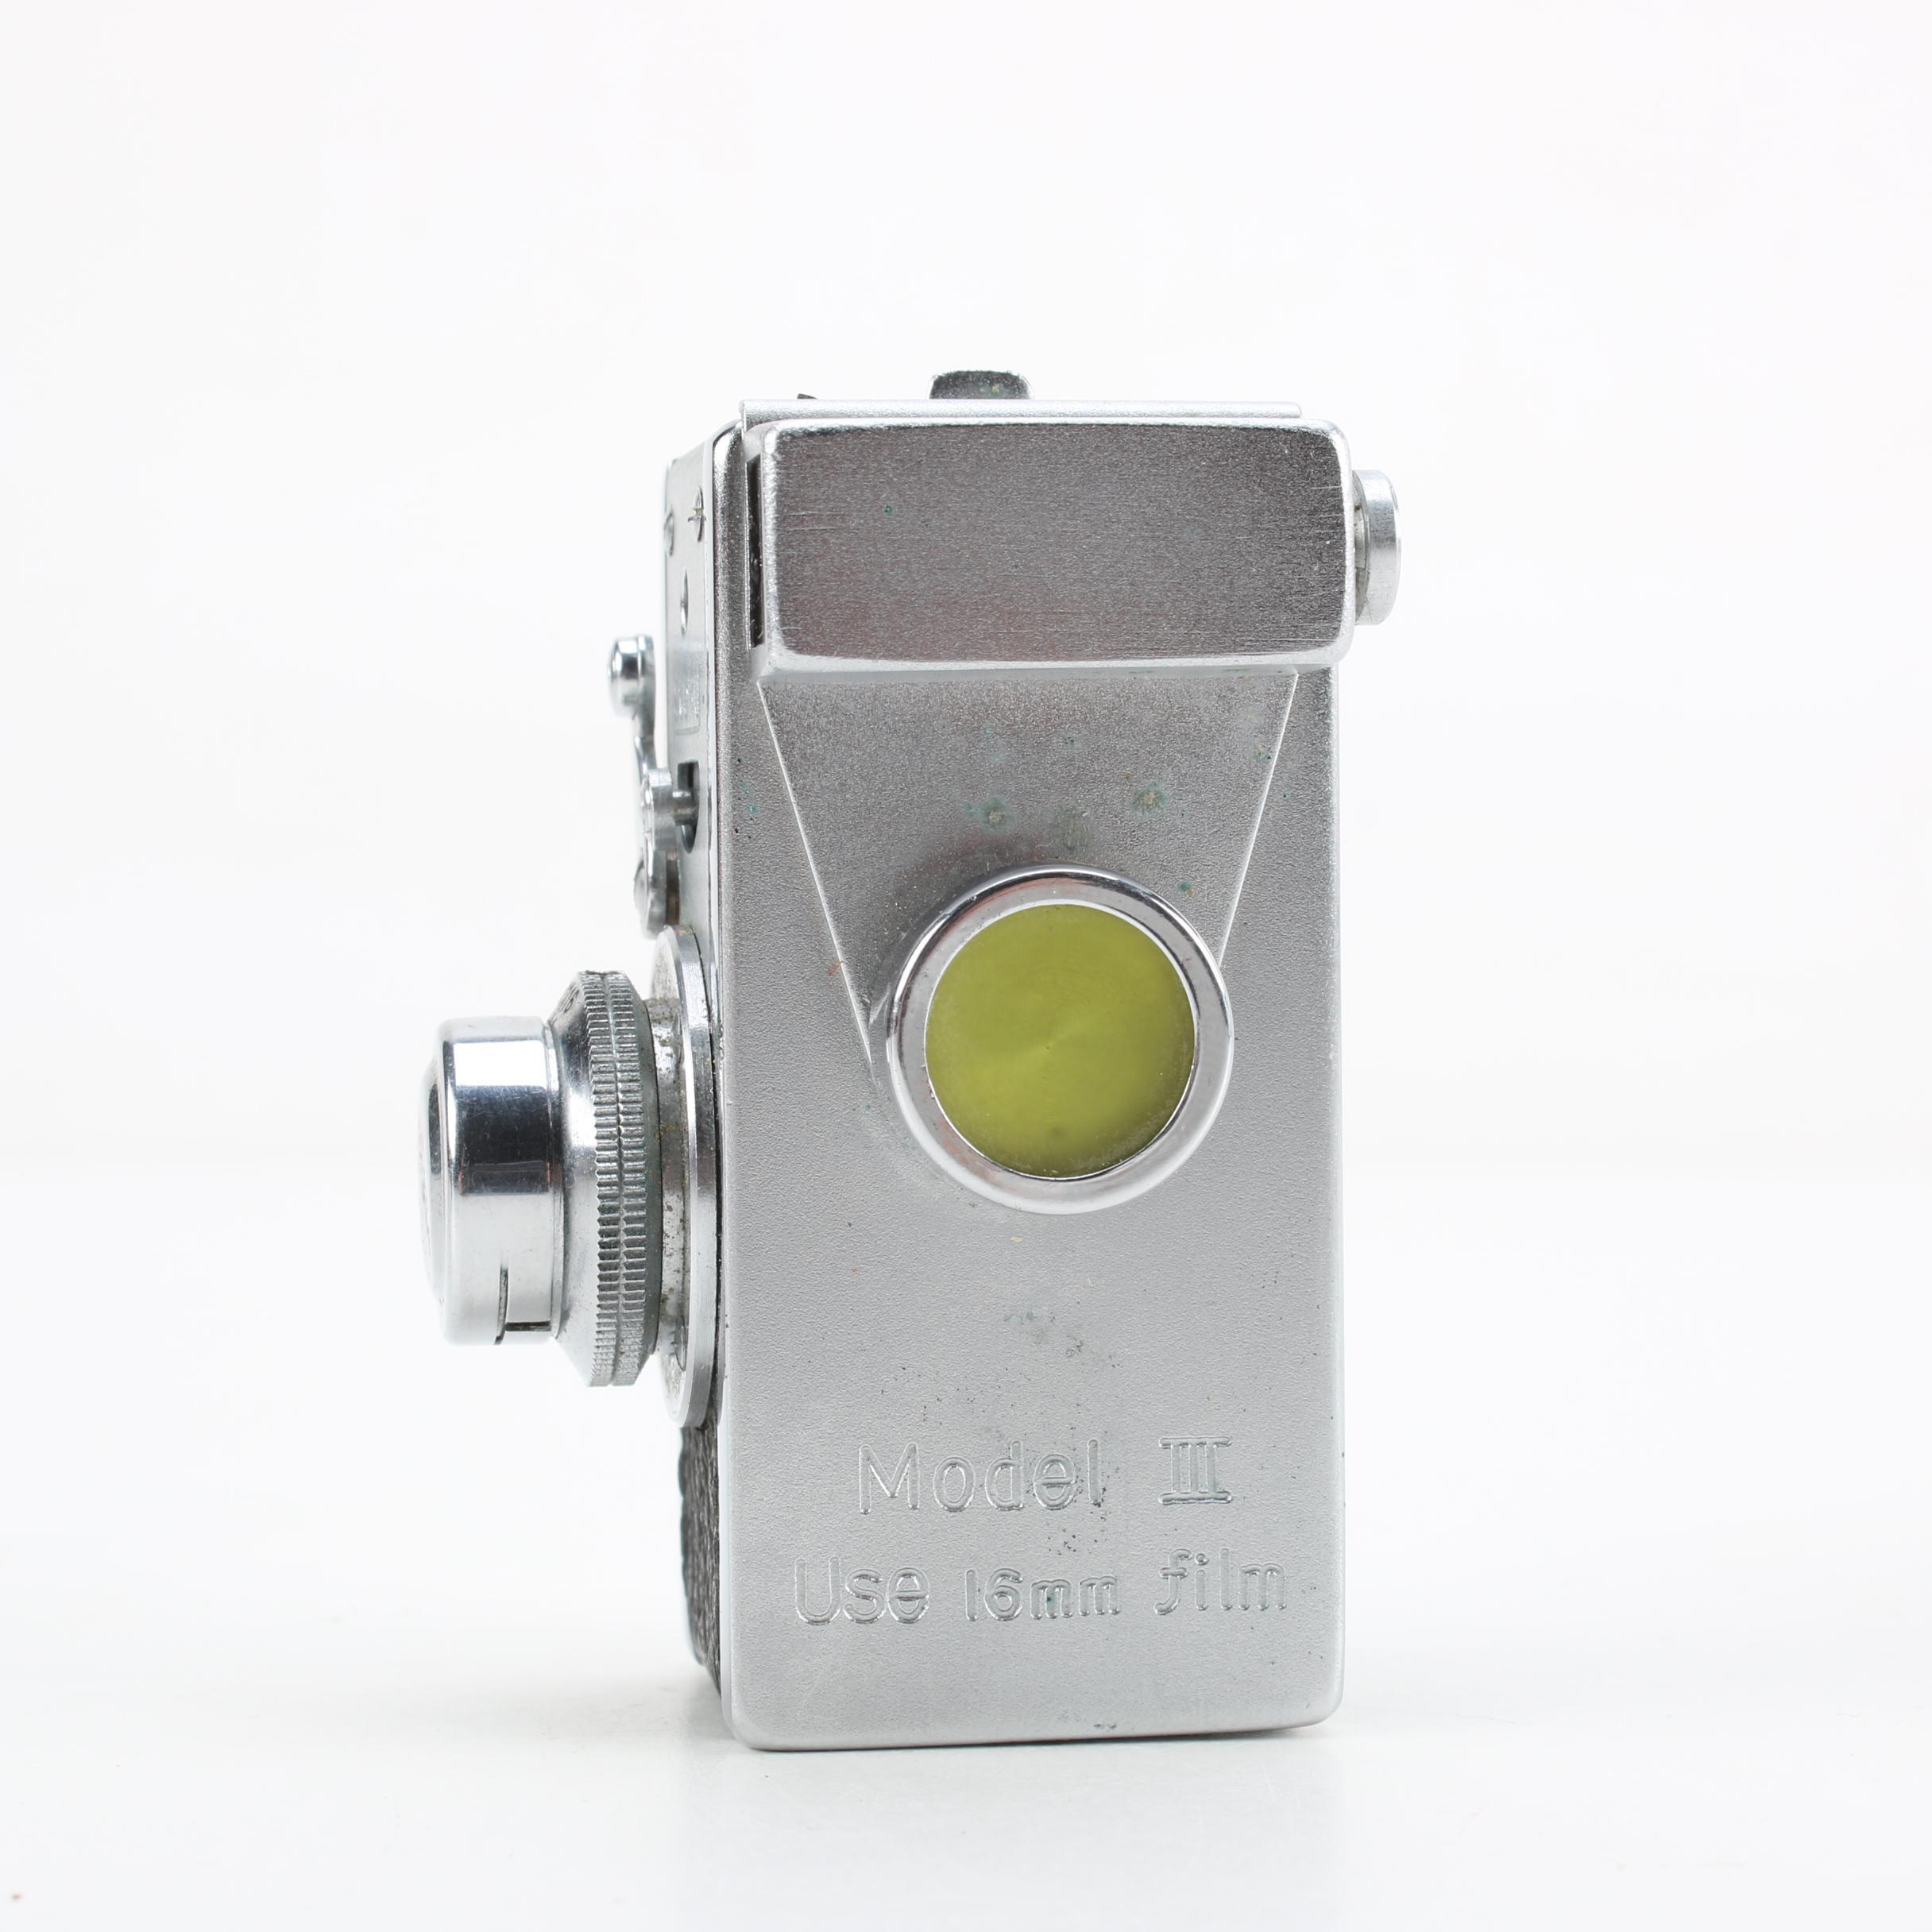 Vintage Steky Mini 16mm Still Camera